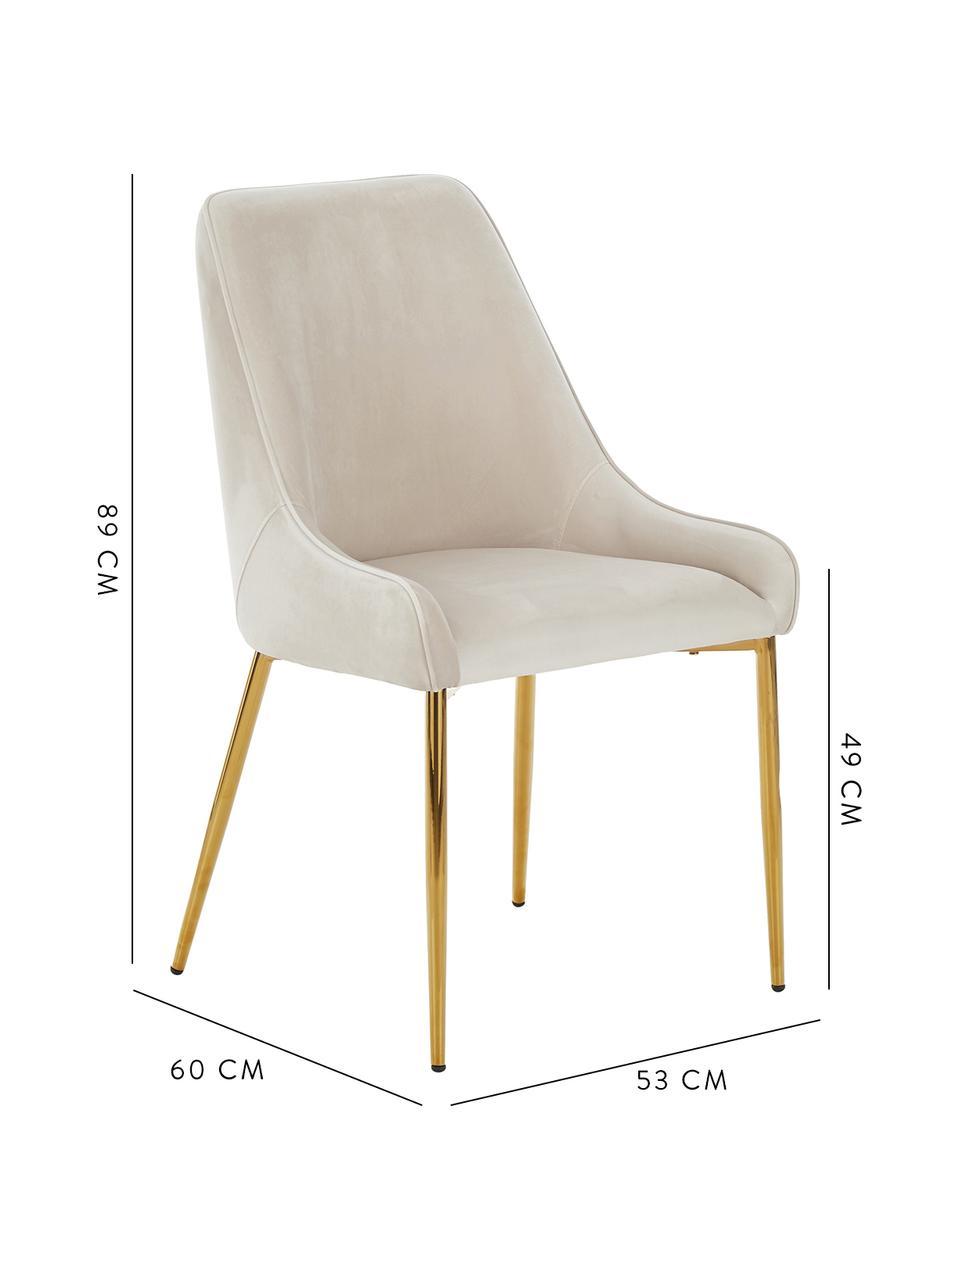 Krzesło tapicerowane z aksamitu Ava, Tapicerka: aksamit (100% poliester) , Nogi: metal galwanizowany, Aksamitny beżowy, S 53 x G 60 cm